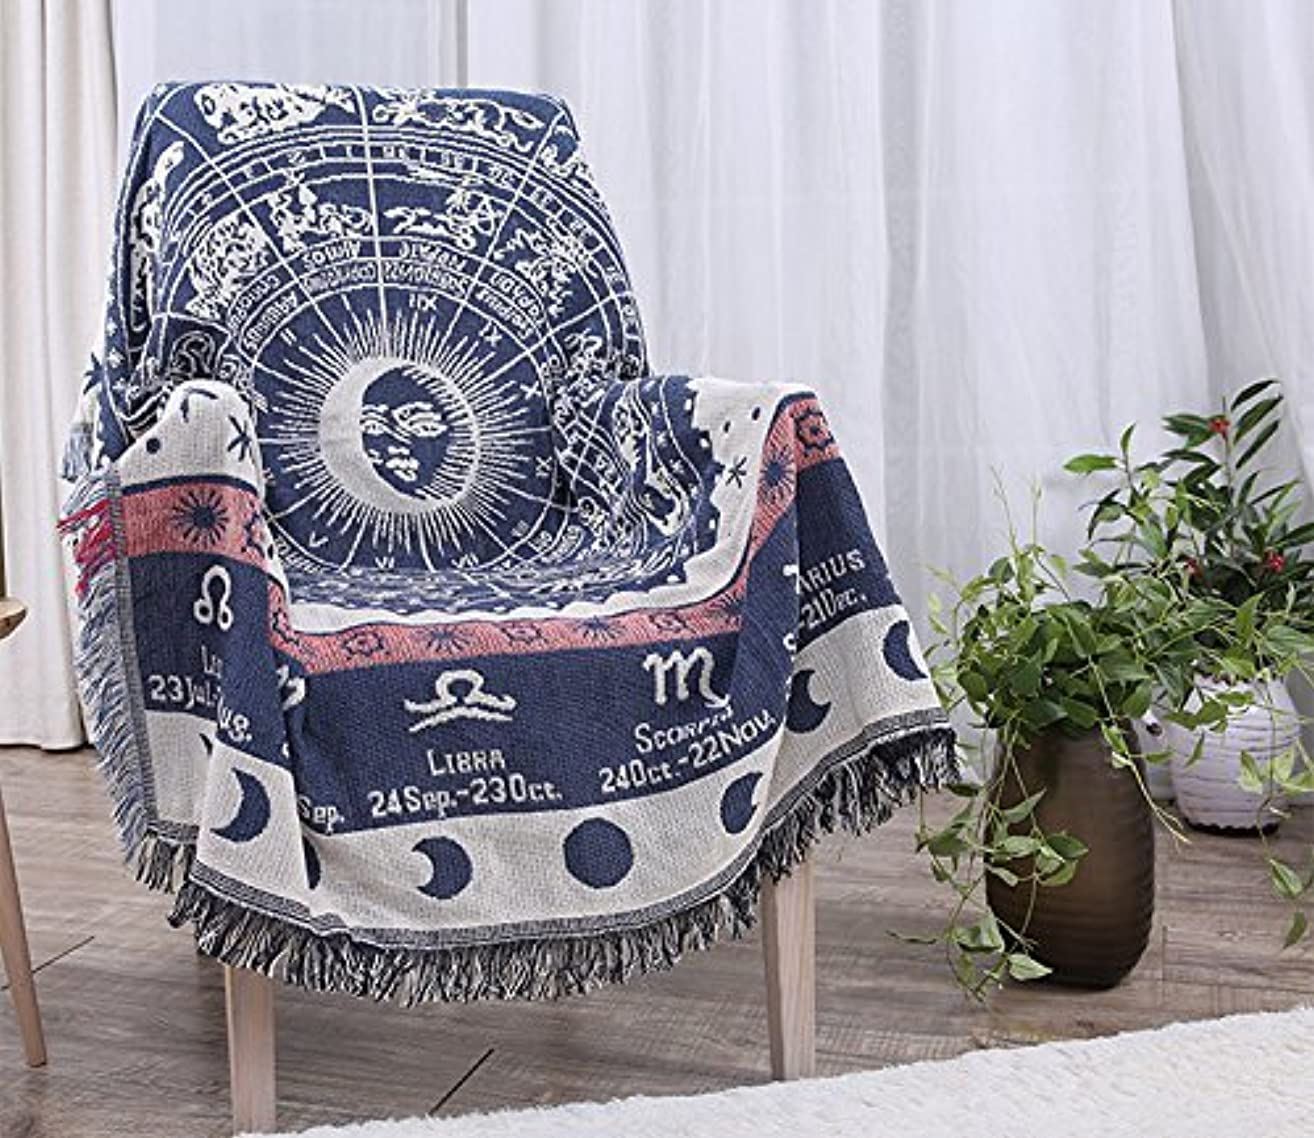 貧困ブラインドレーザwellhouse ソファカバー ラグマット マルチカバー 北欧 星座柄 両面使用 綿製 (90*150, ゾディアック星座)